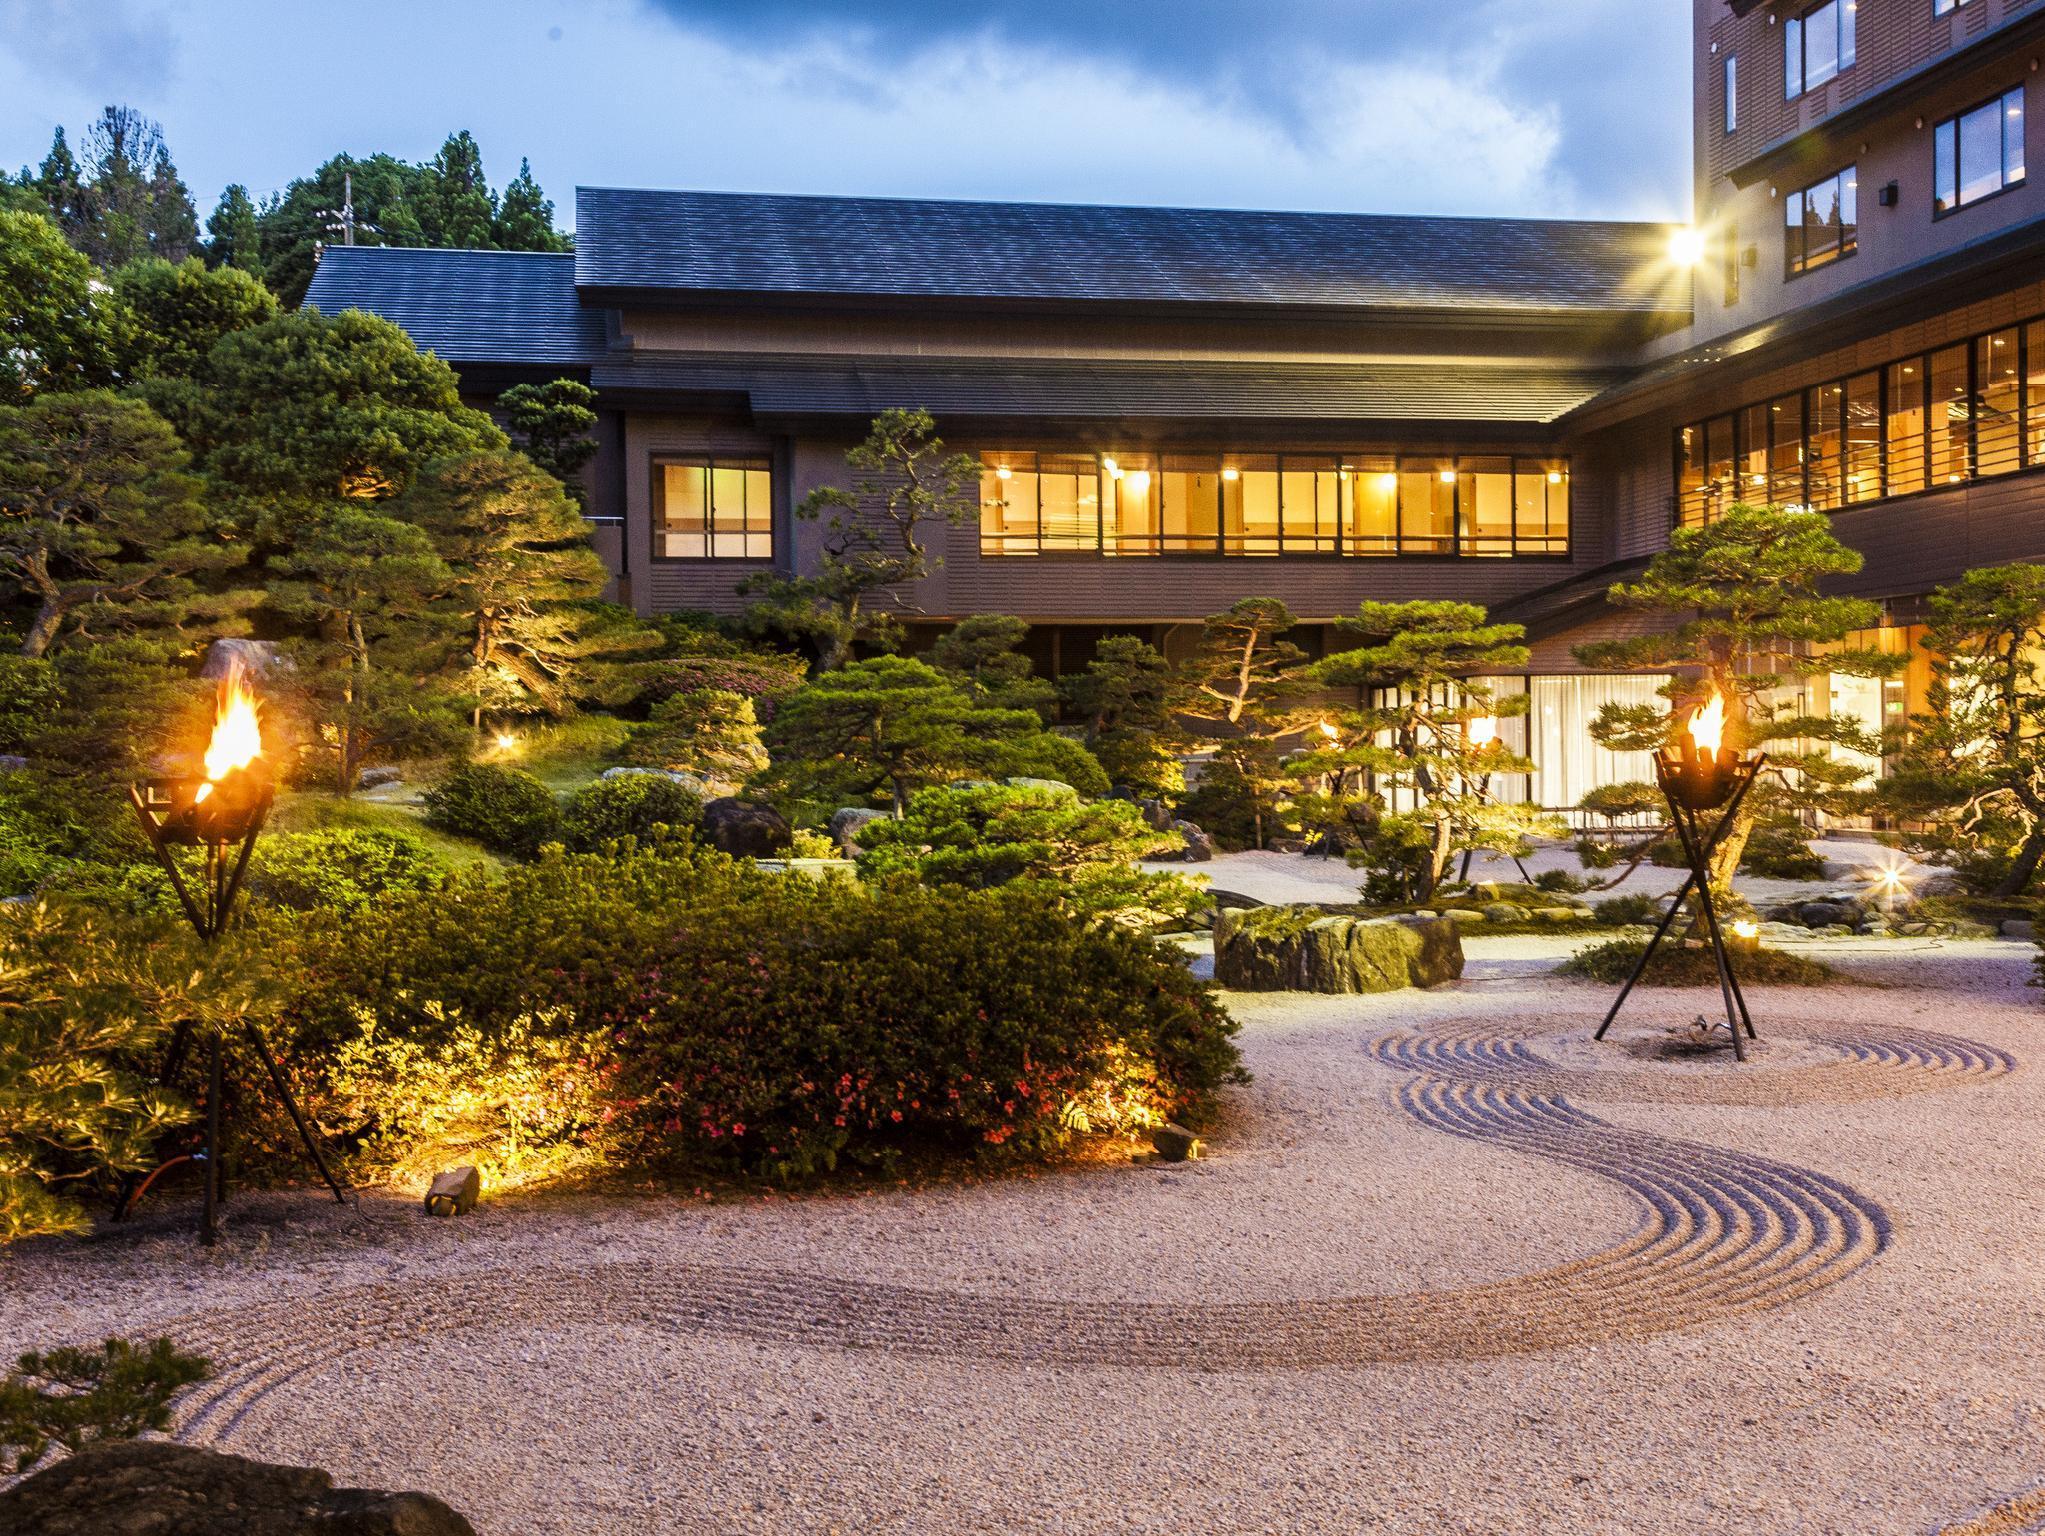 玉造溫泉 〜曲水の庭〜 ホテル玉泉の格安予約・料金比較|Stayway